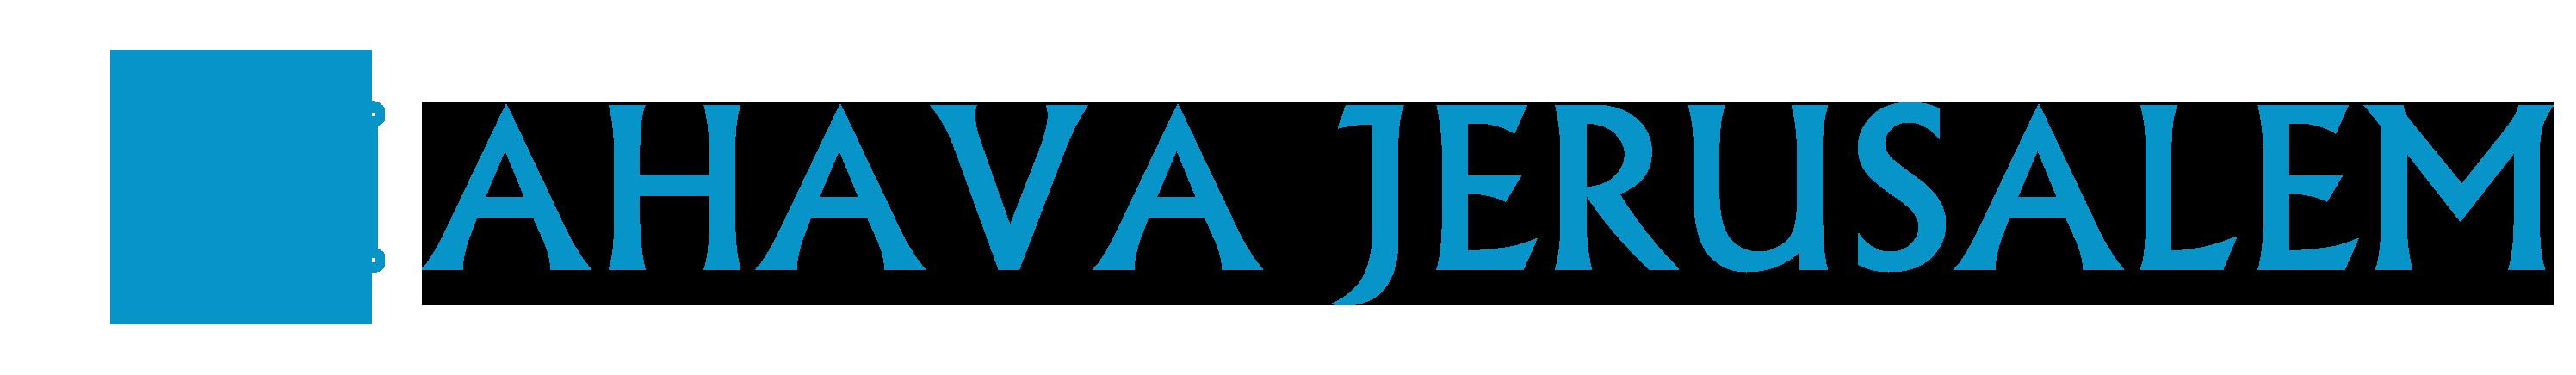 Ahava Jerusalem